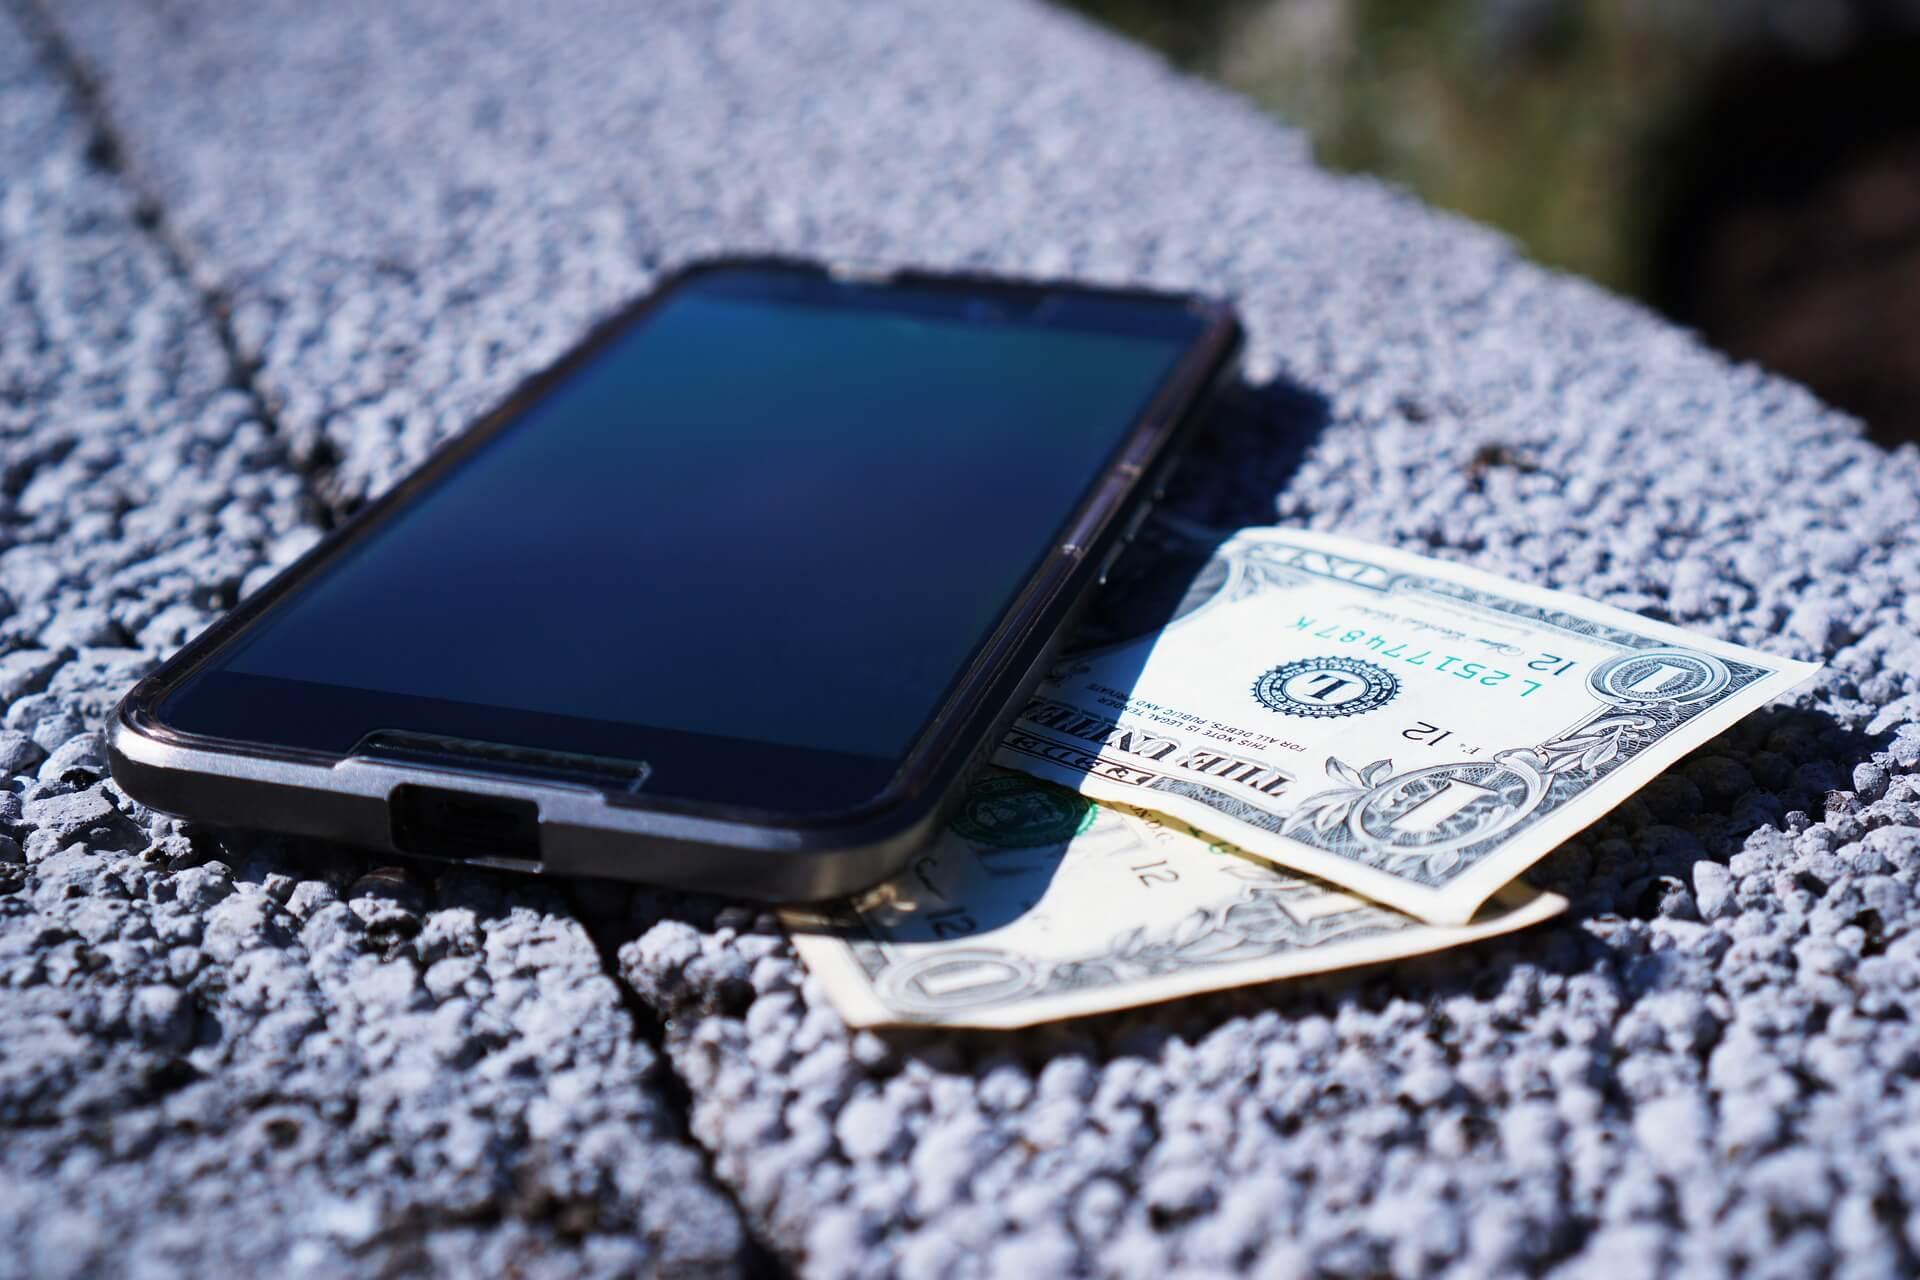 Wer zahlt mehr app iphone